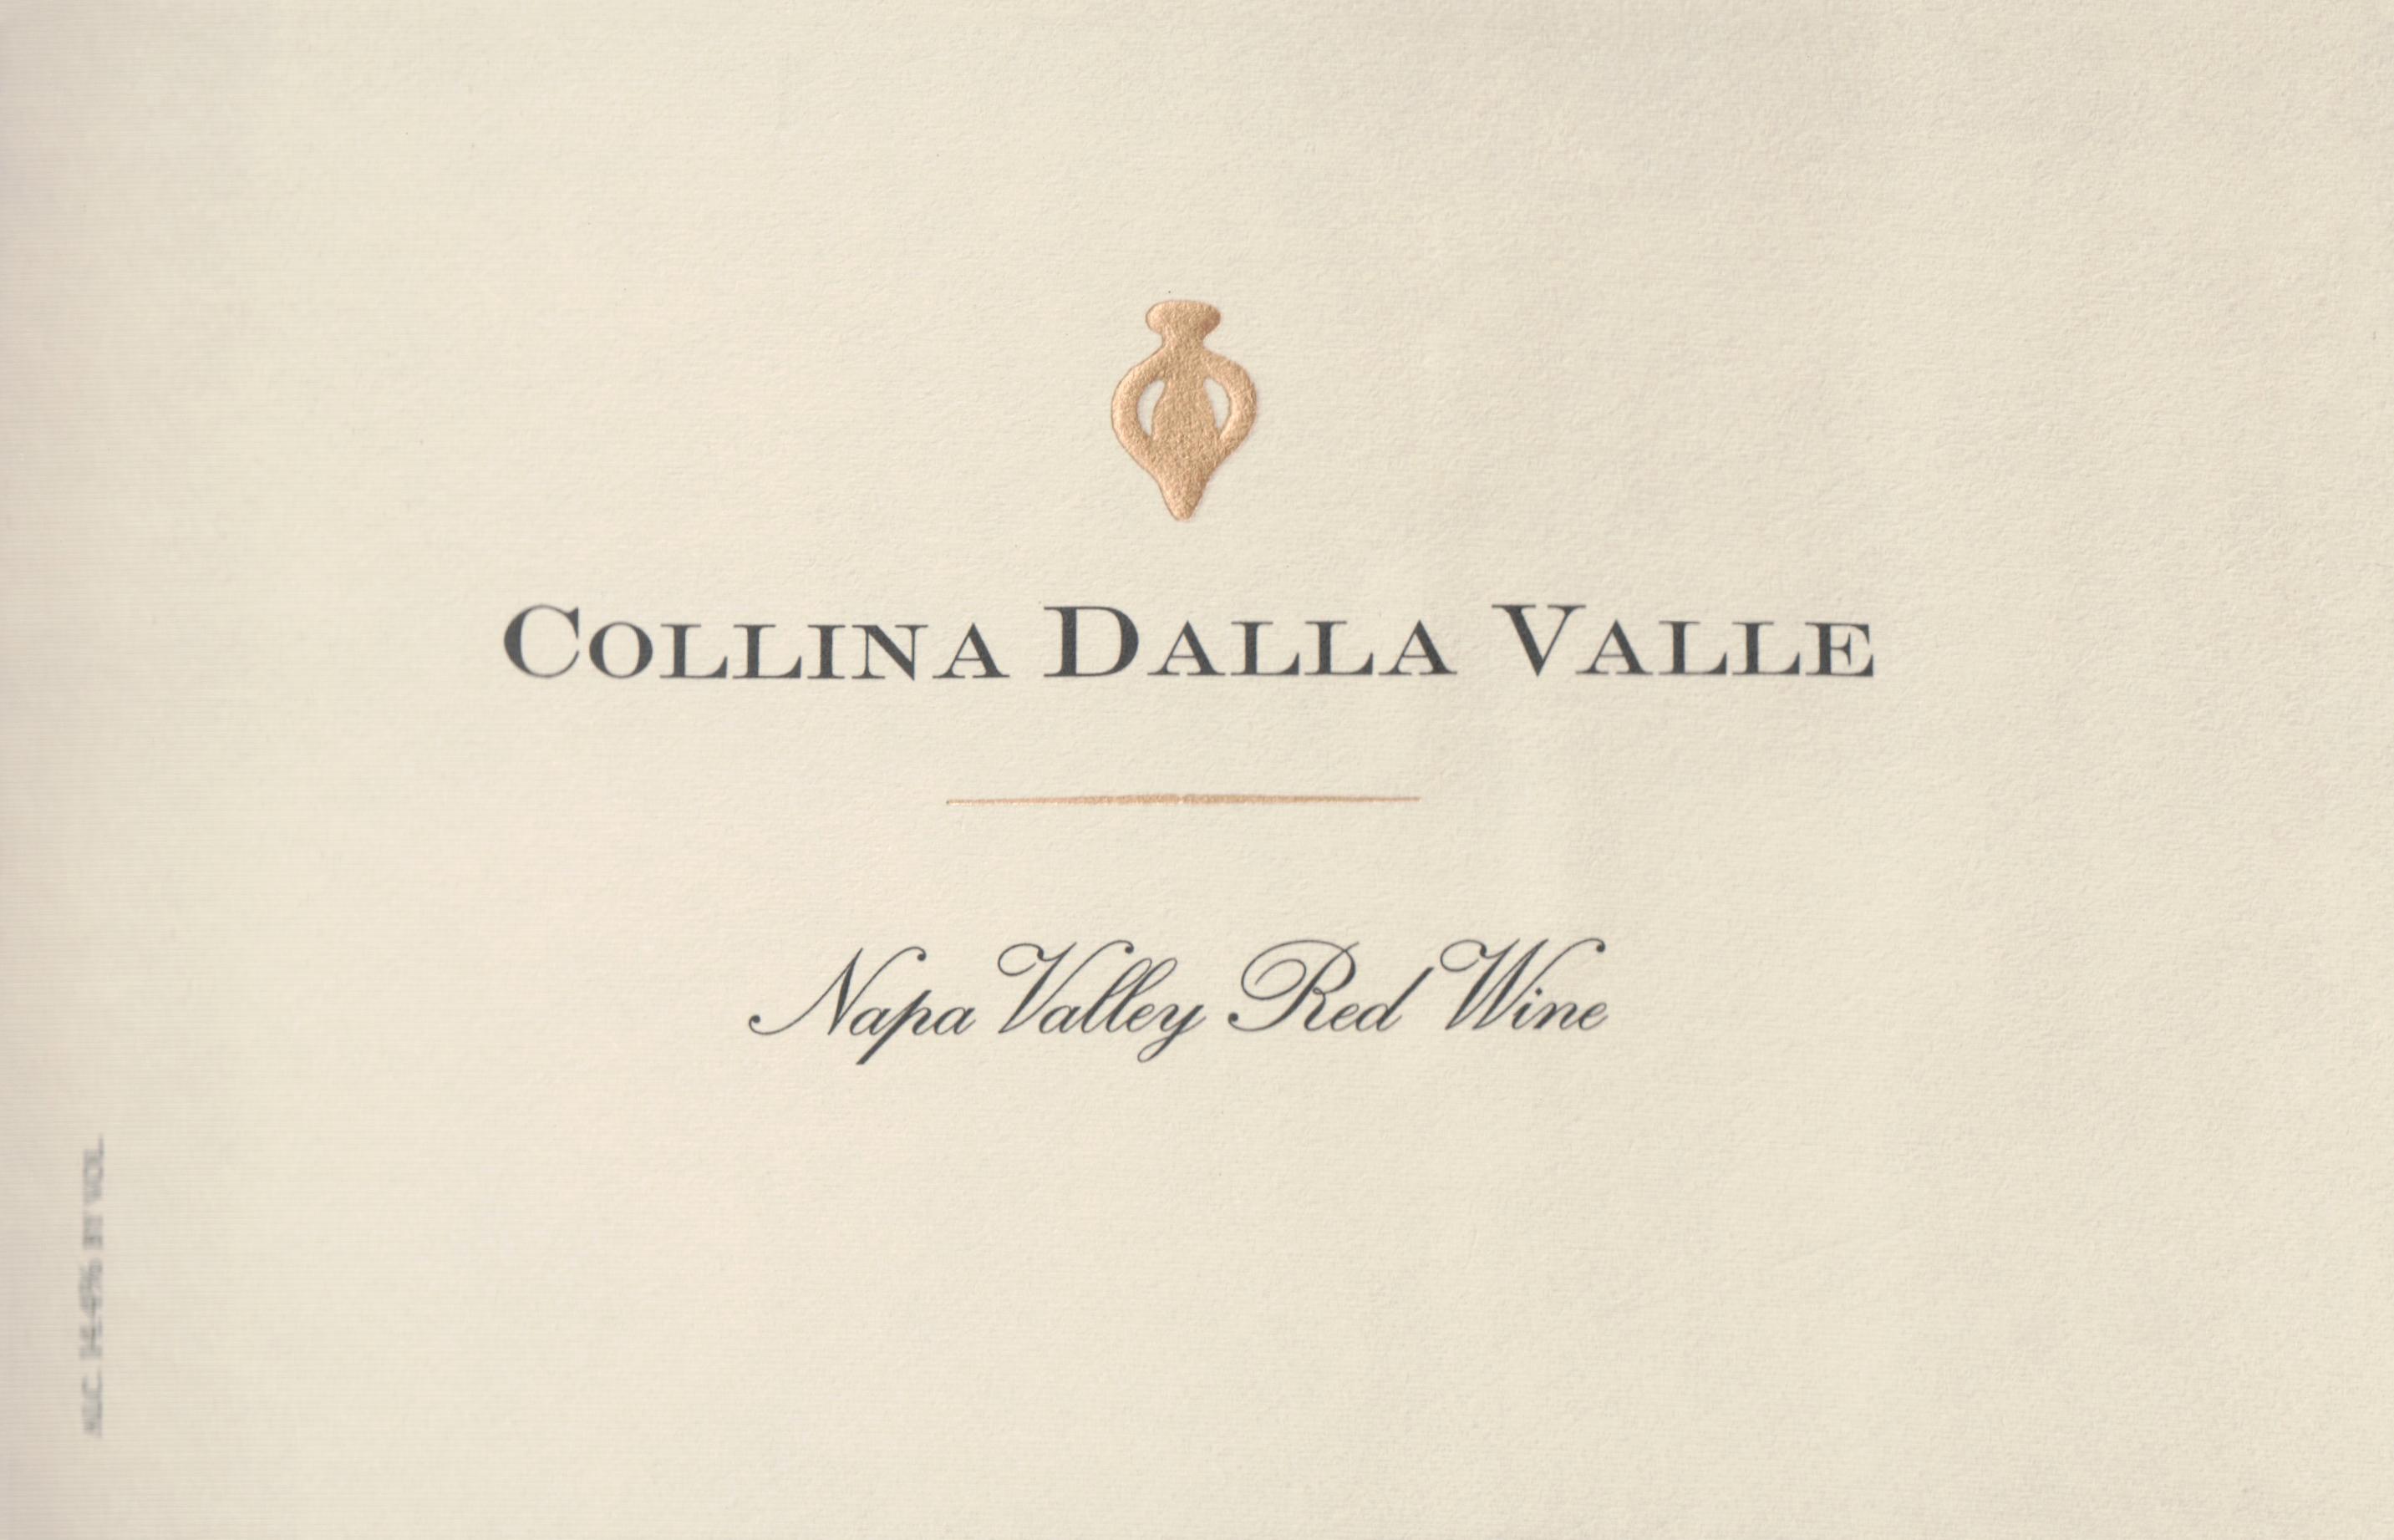 Collina Dalla Valle 2016